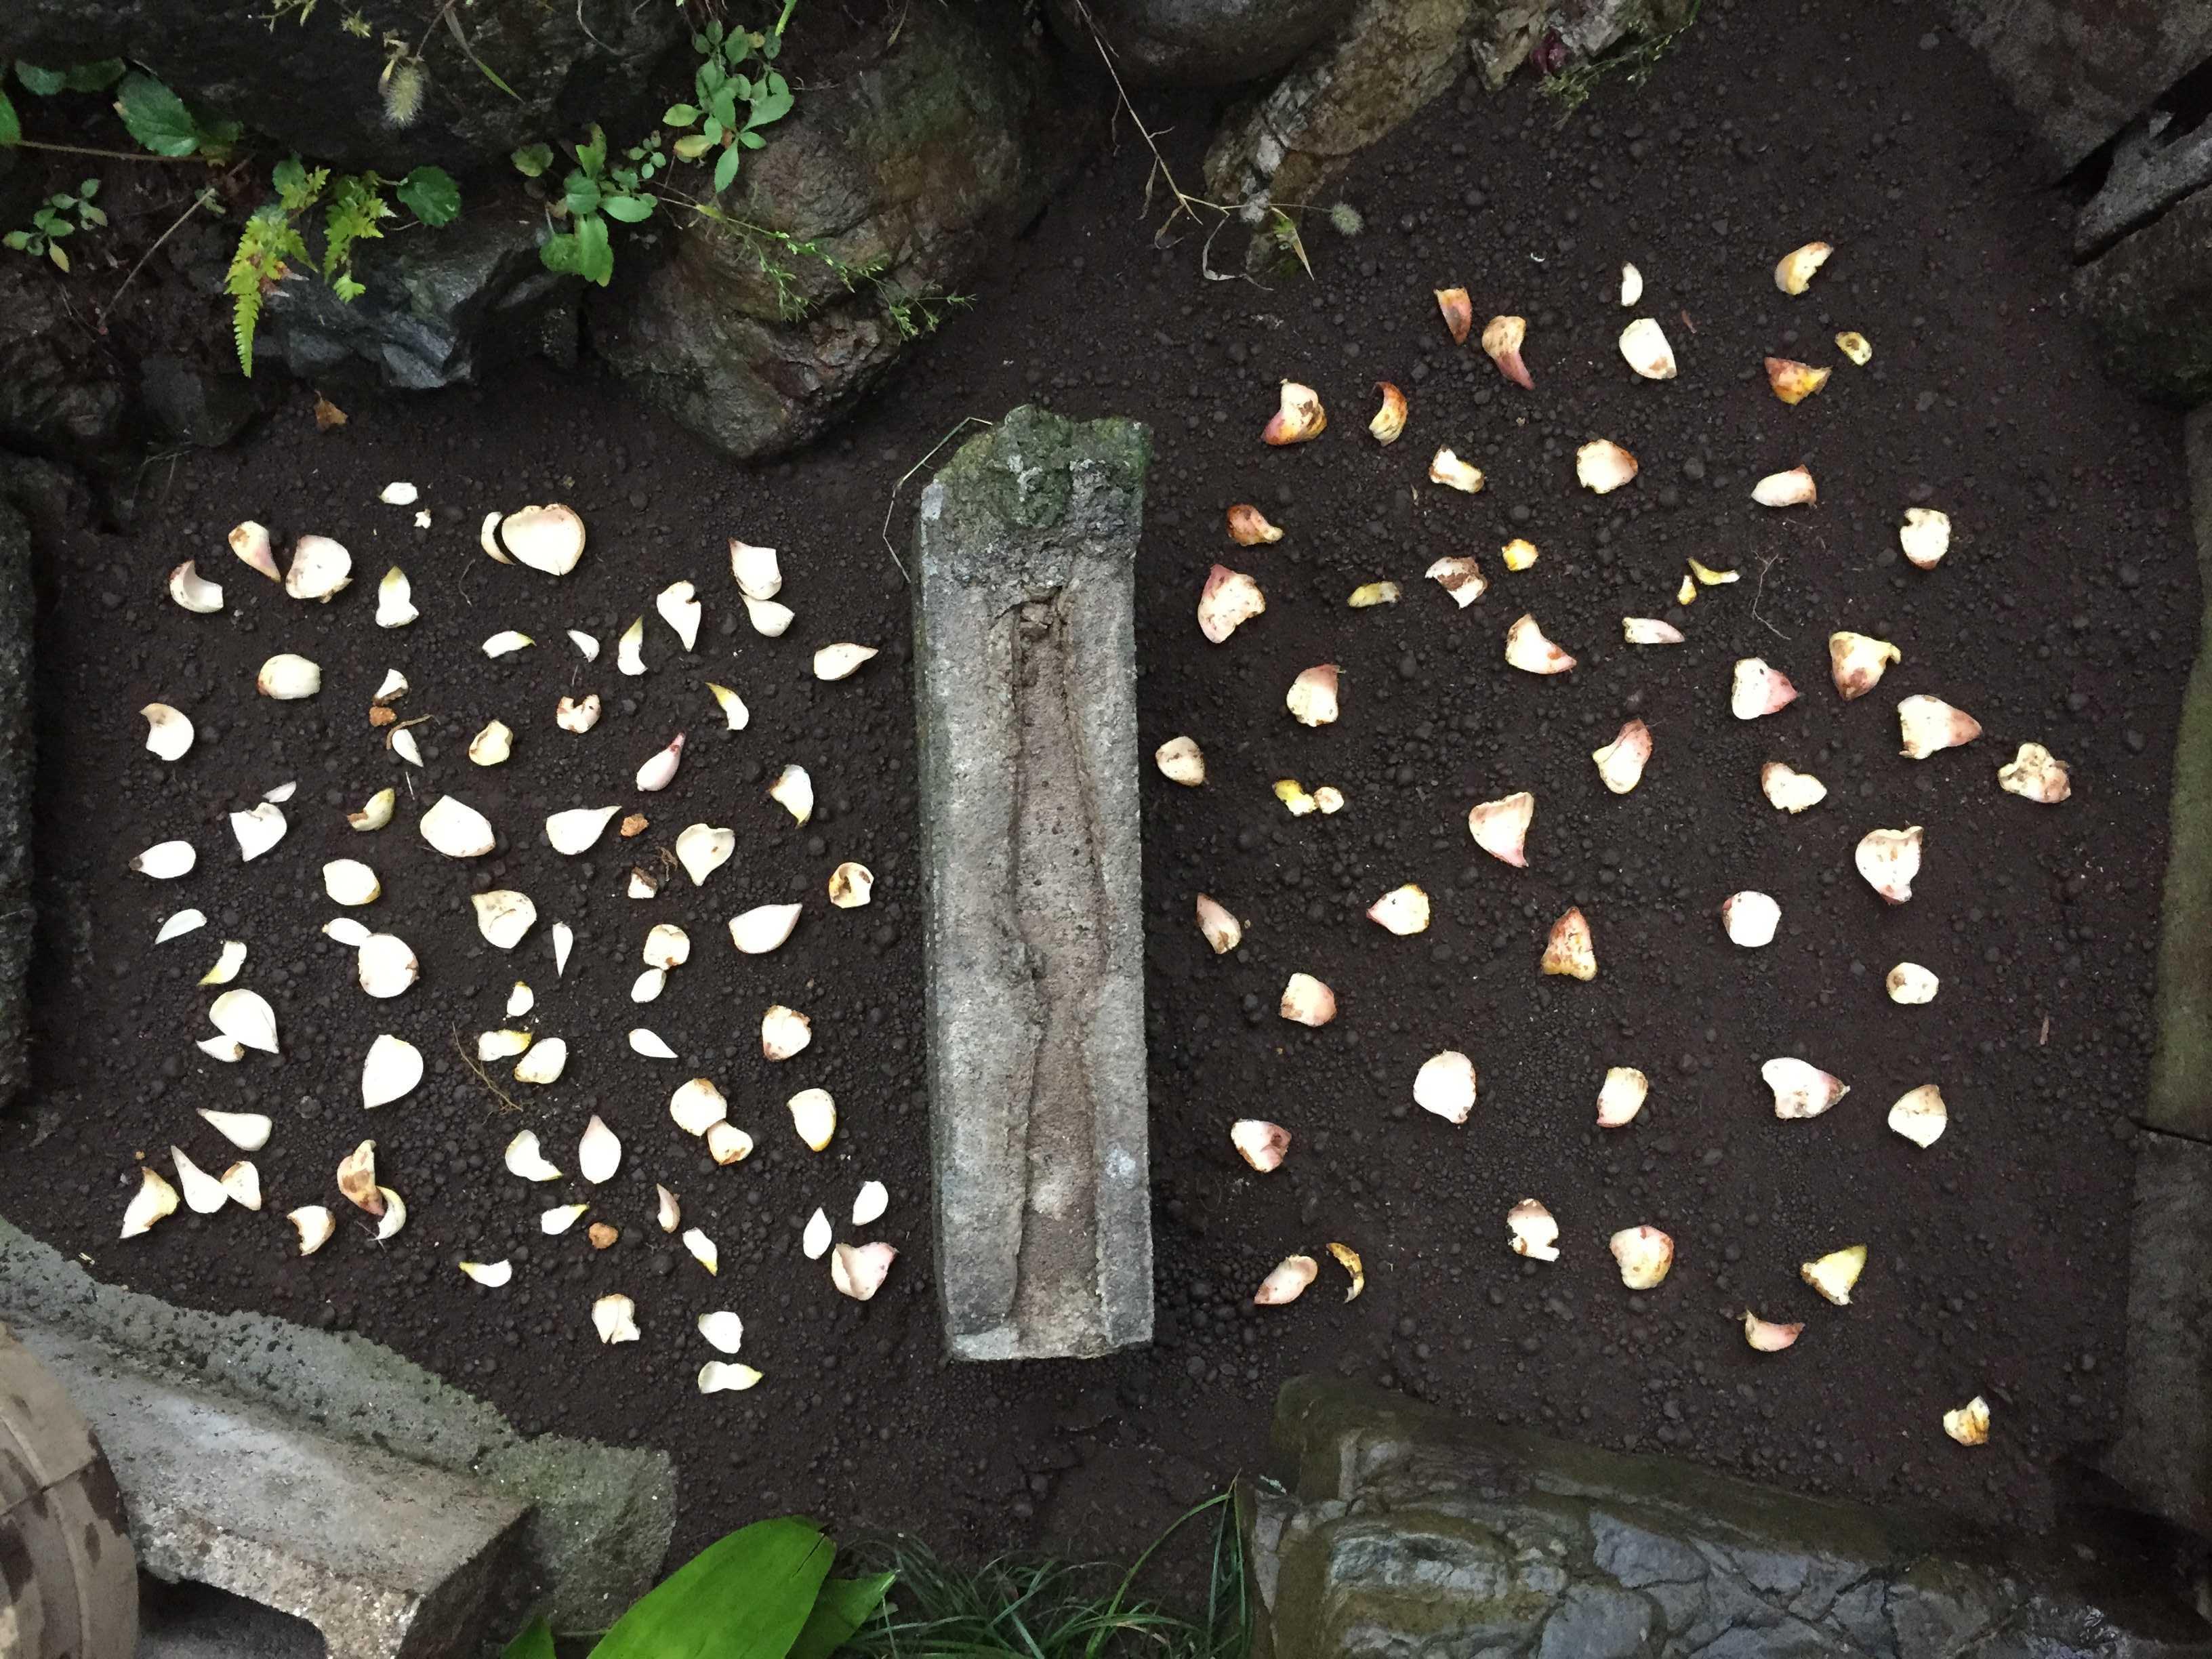 ヤマユリの鱗片定植/植え付け(鱗片バラマキ繁殖)